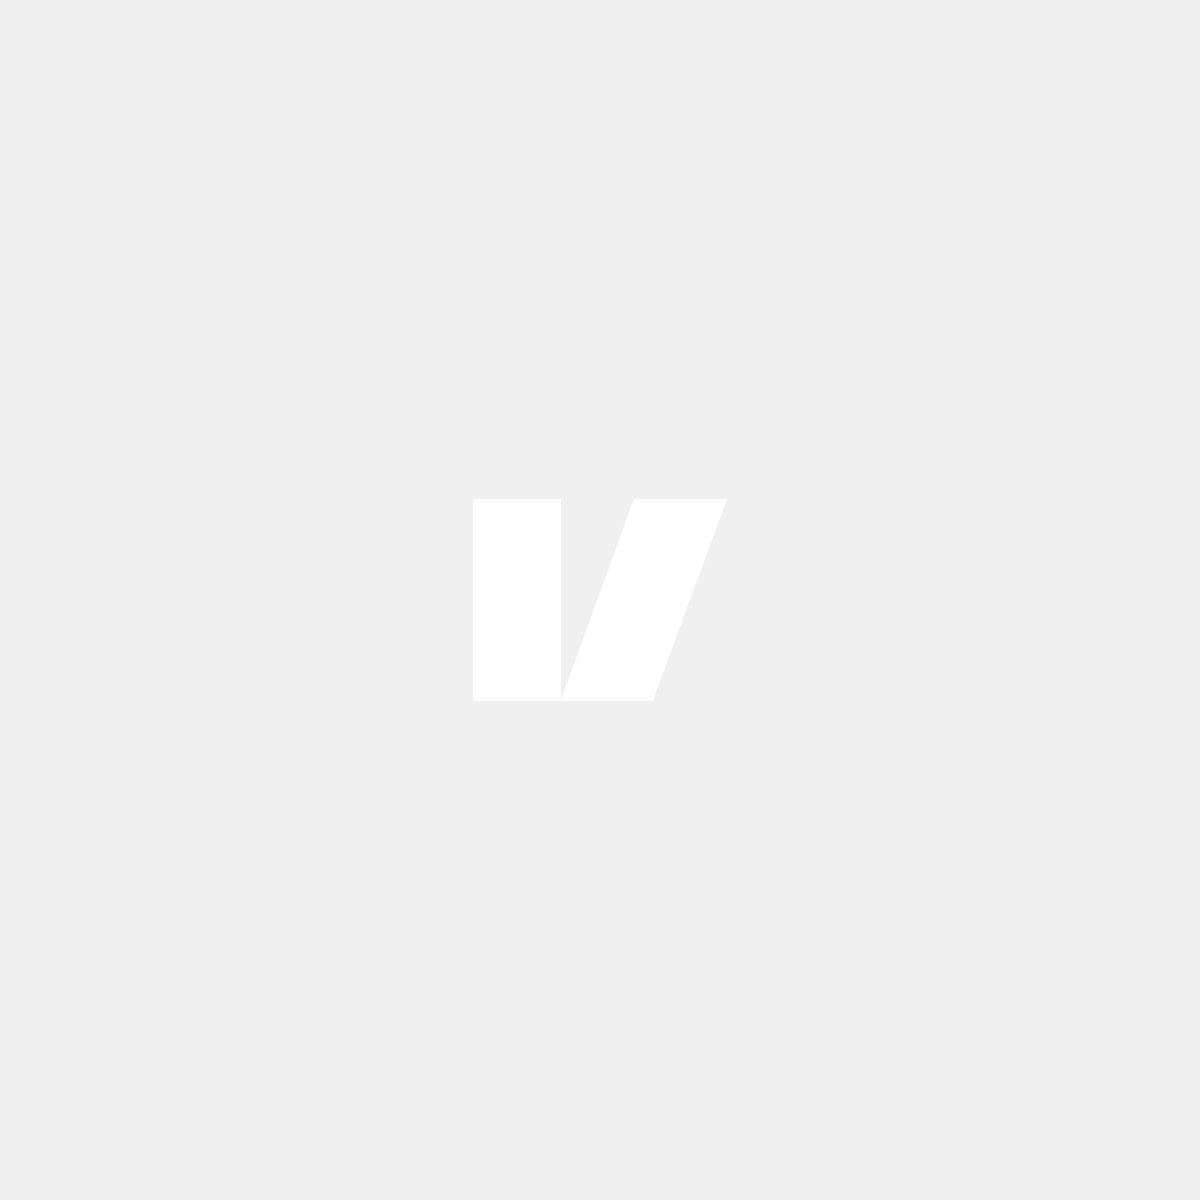 Bromsskivor bak till Volvo S70, V70, V70XC, 97-00, 283mm